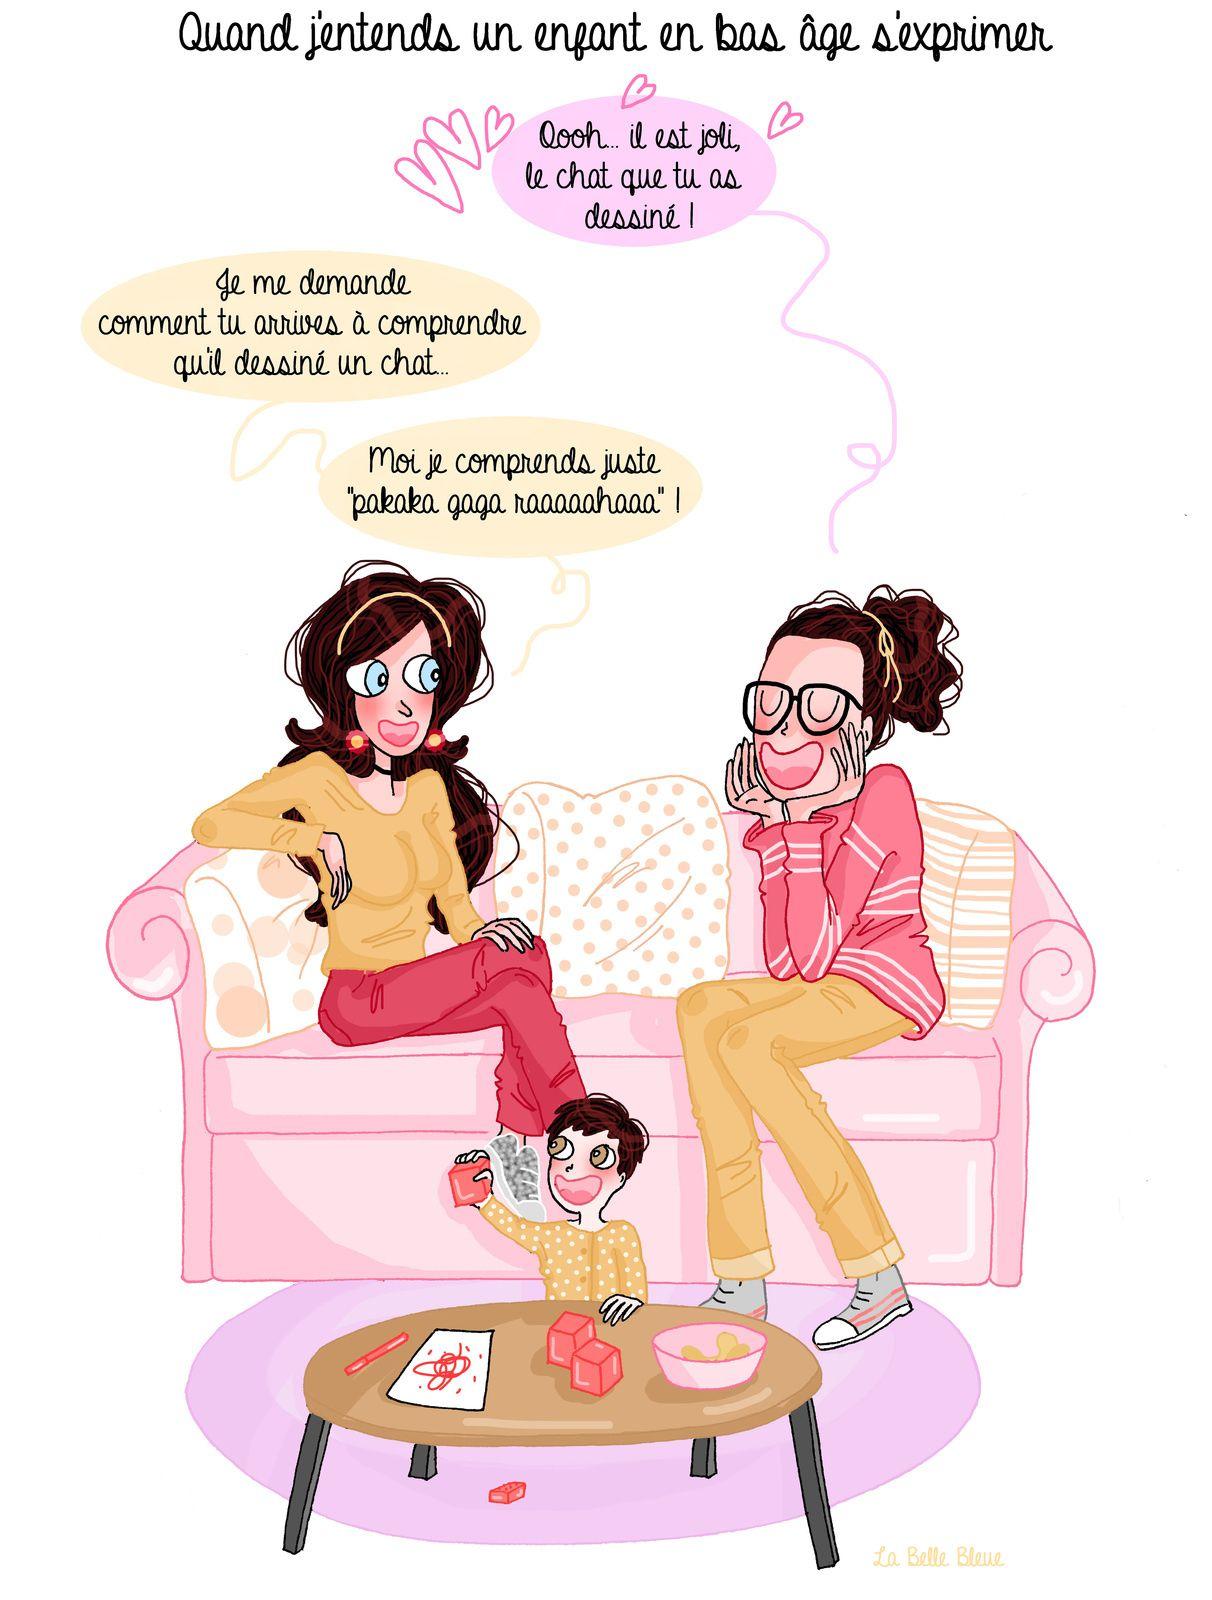 Il n'y a que moi qui ne comprends absolument rien quand ils parlent ?! :DLe pire, c'est quand ils ME parlent et que les parents ne sont pas dans la même pièce à ce moment-là.